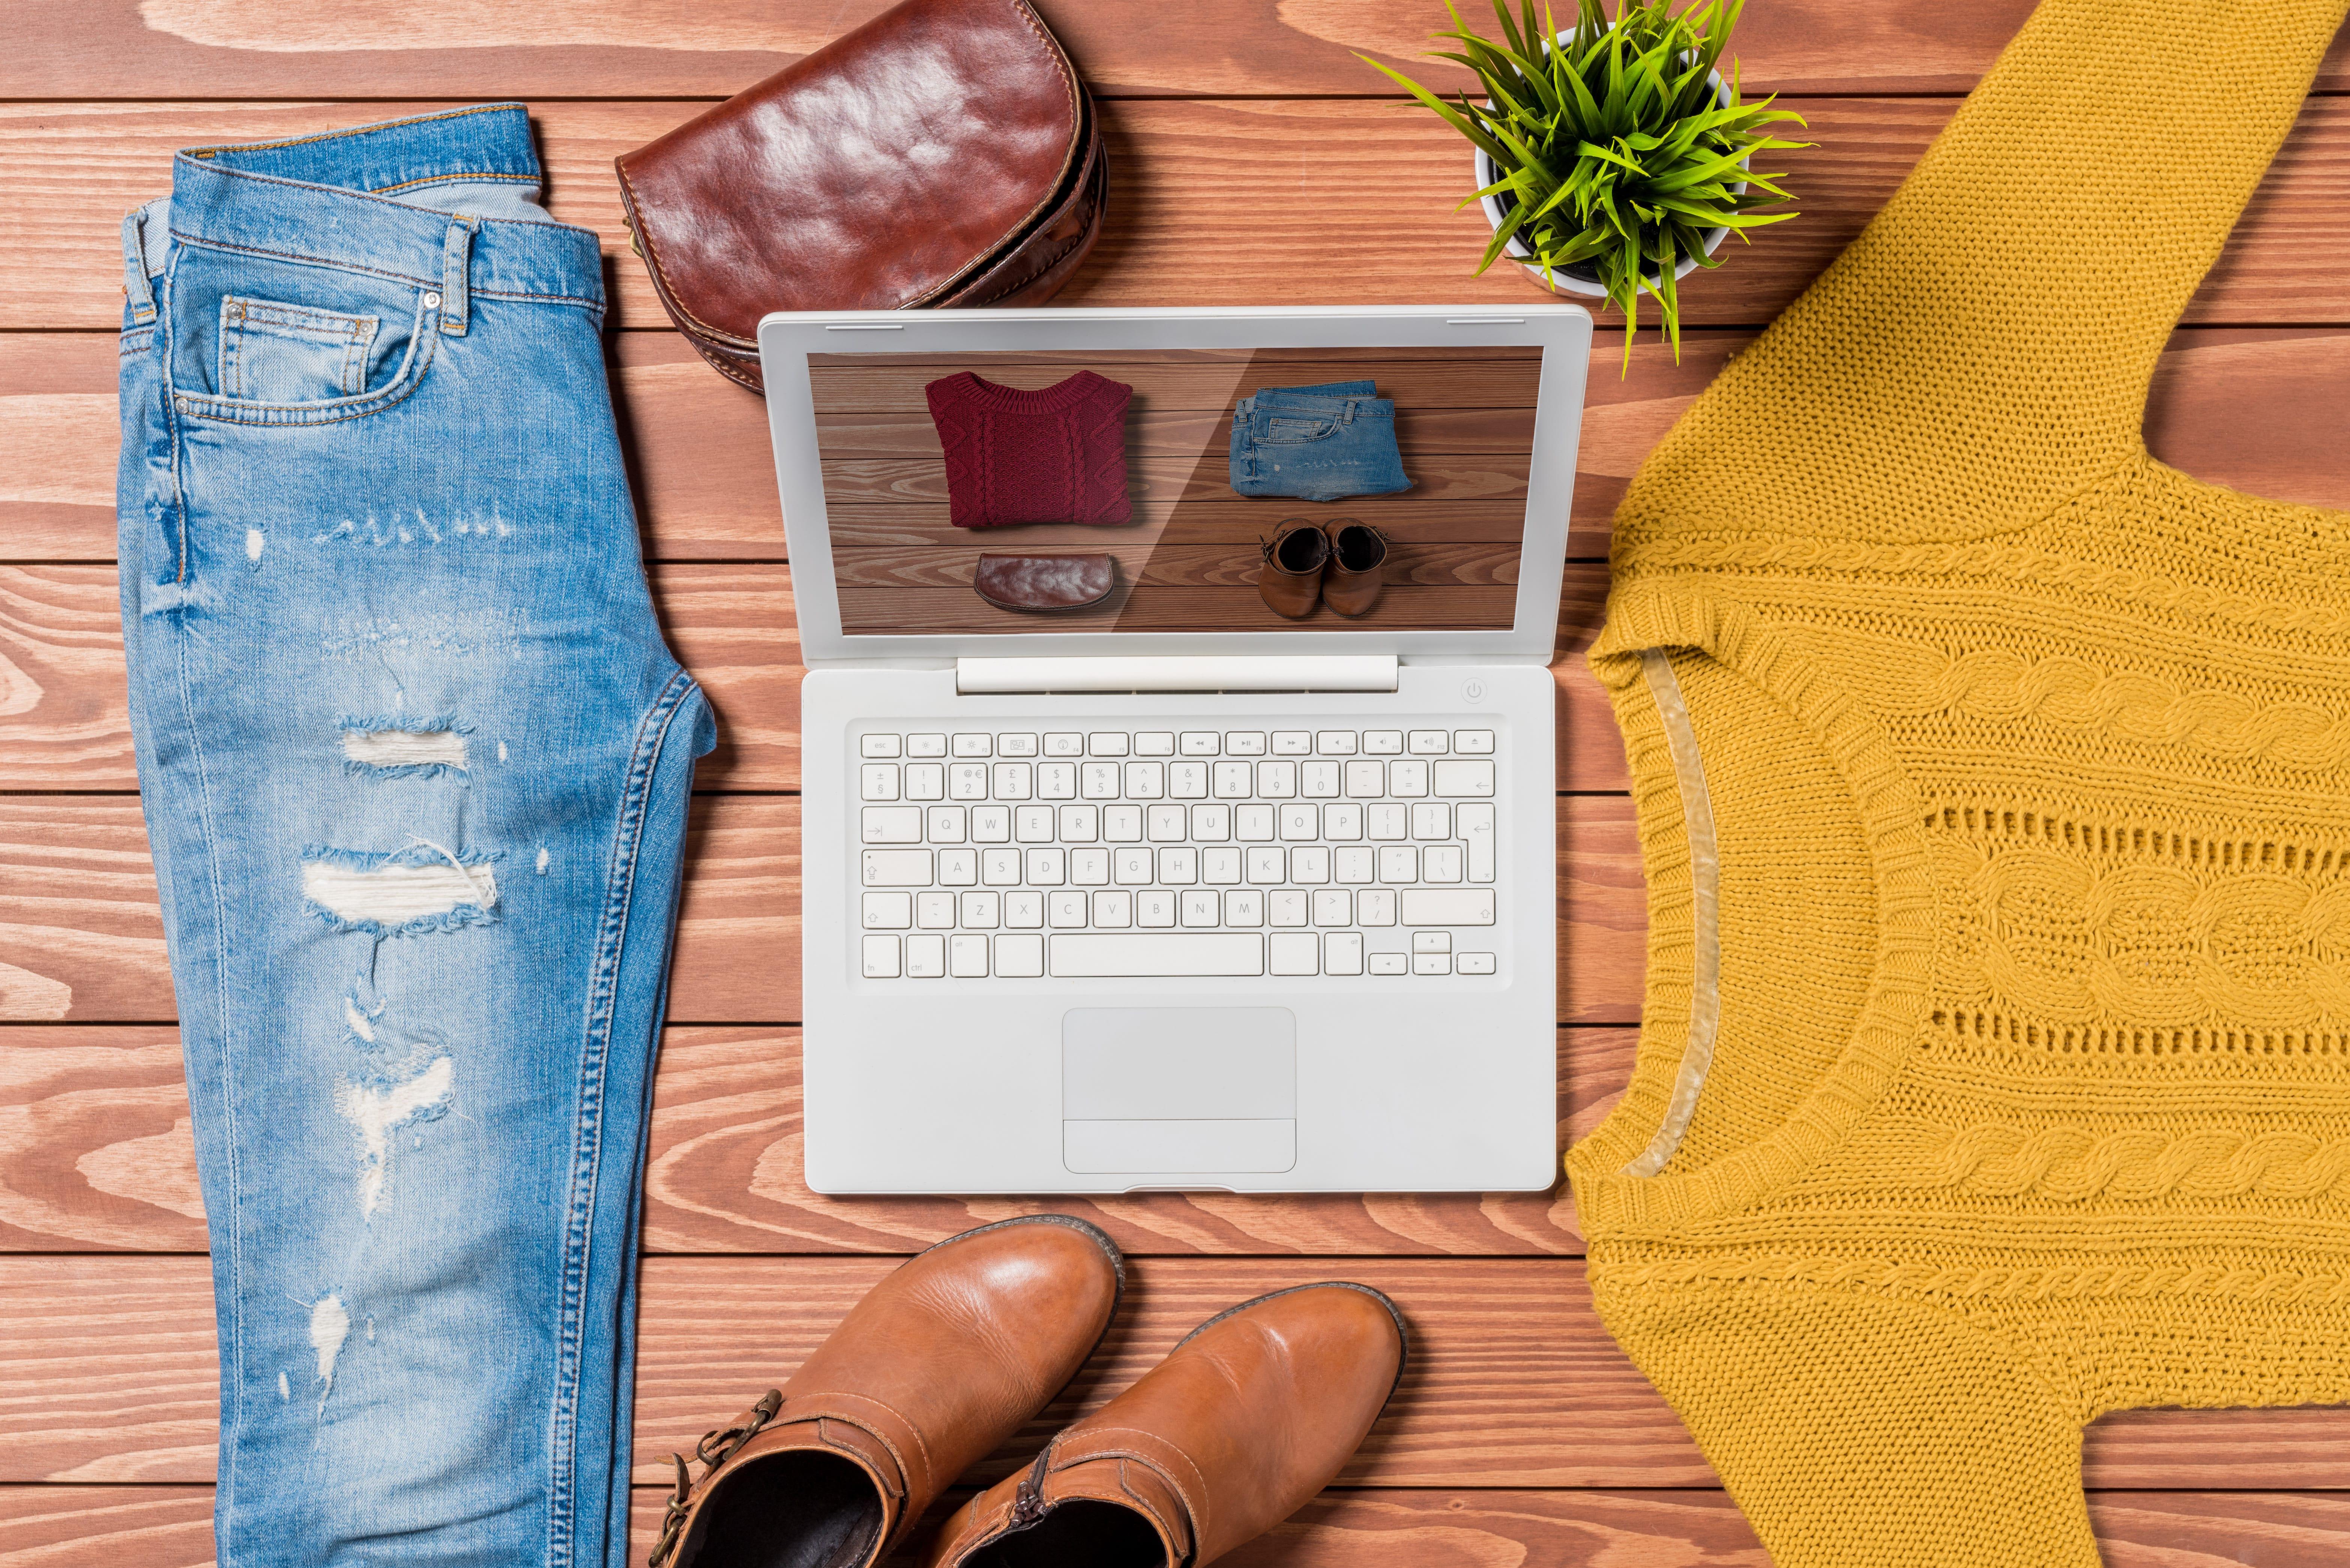 b63c5dc1857a9d Kleidung online kaufen – 3 Tipps für den Kauf - Haushaltstipps.net